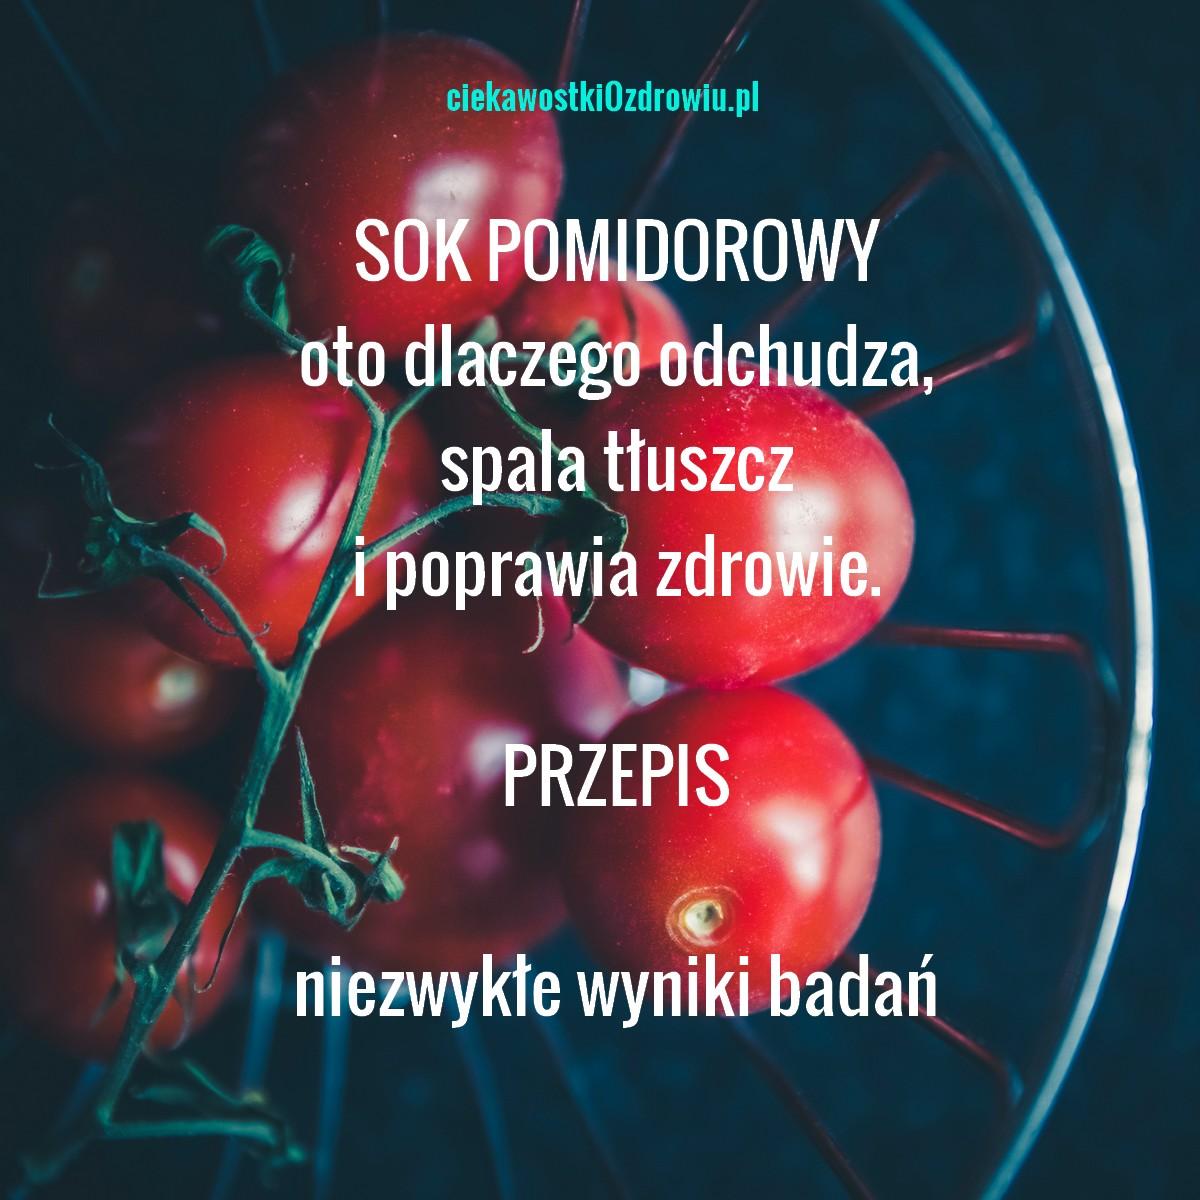 ciekawostkiozdrowiu.pl-sok-pomidorowy-dlaczego-odchudza-spala-tluszcz-poprawia-zdrowie-przepis